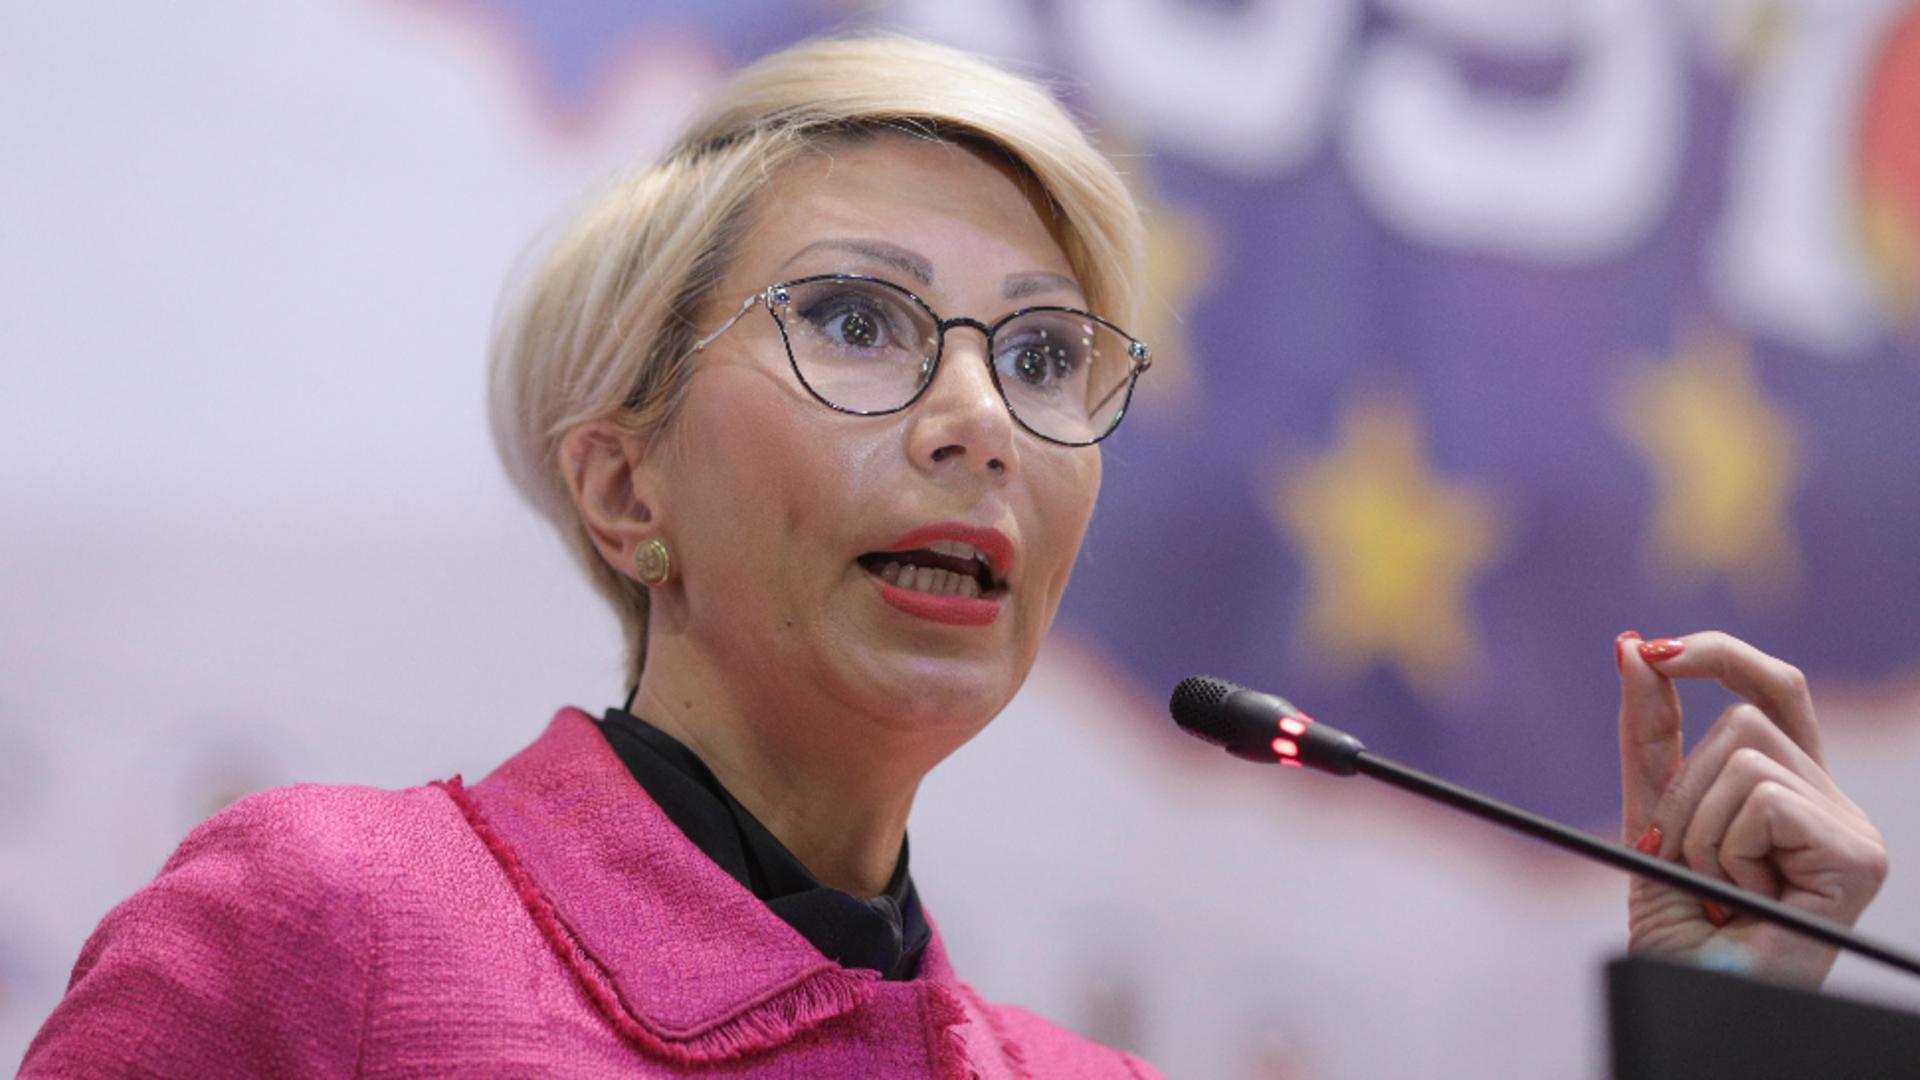 Raluca Turcan vrea o egalizare a veniturilor Foto Inquam